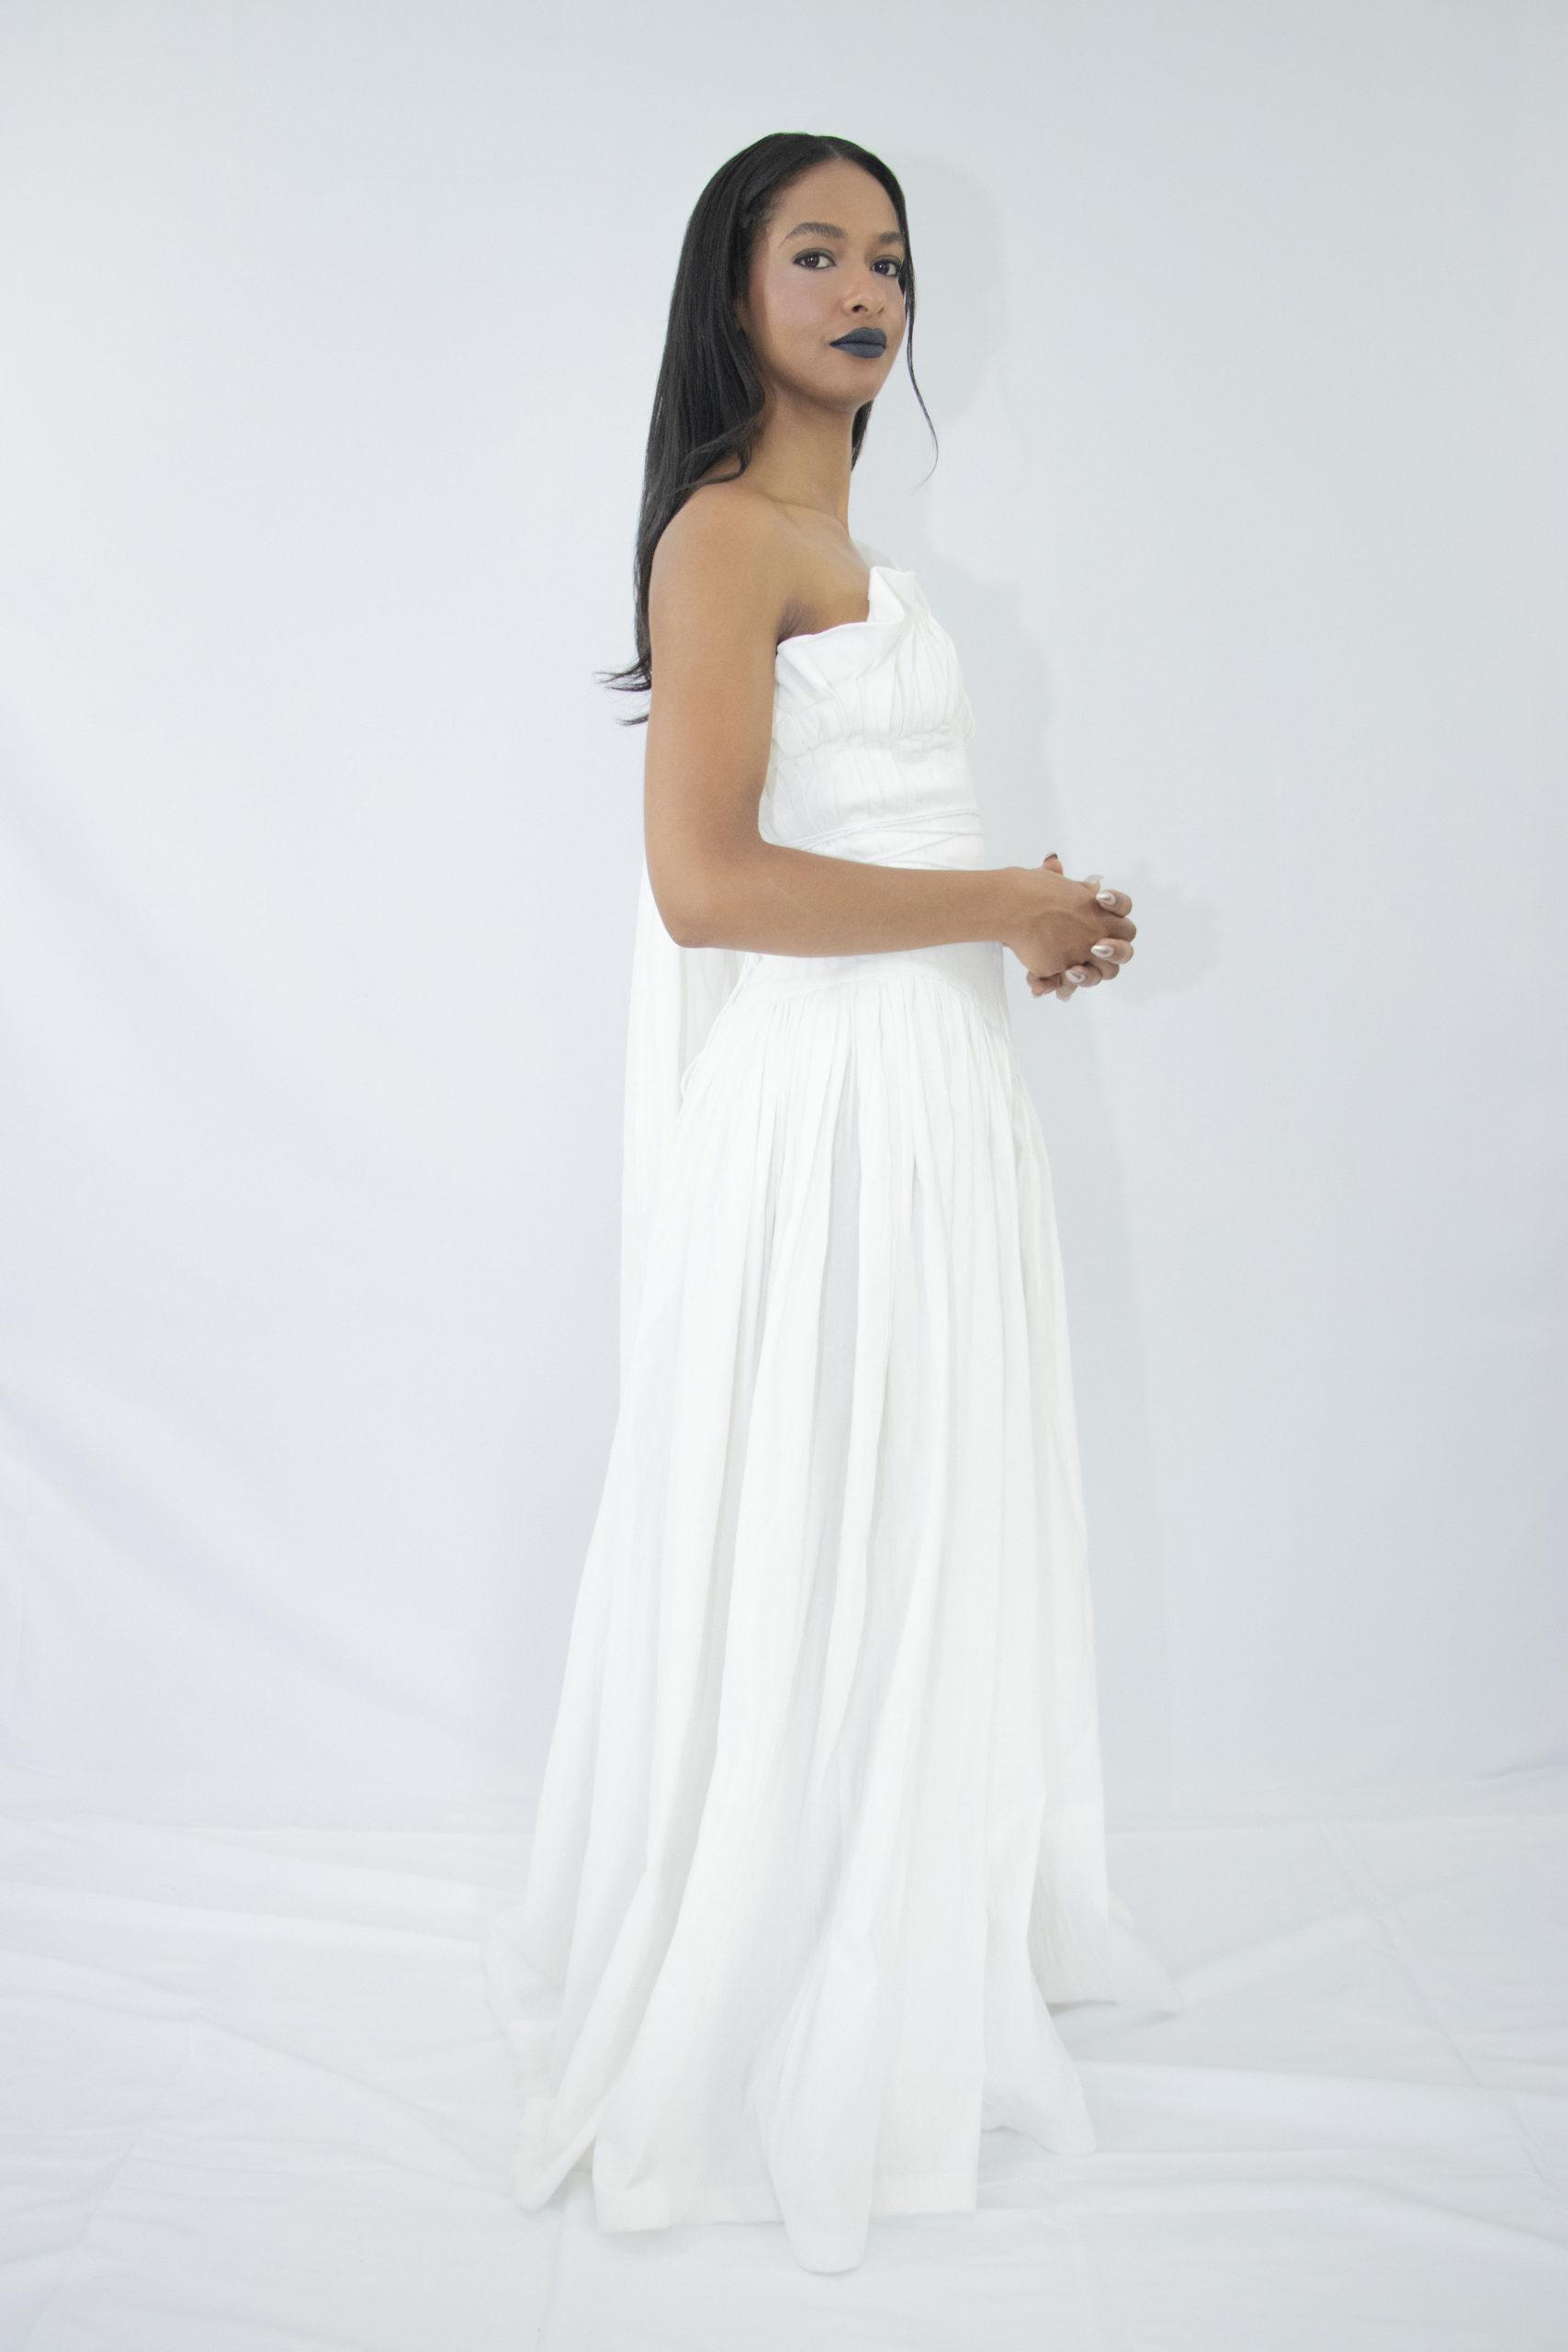 Woman wearing white organic cotton pleated wedding dress